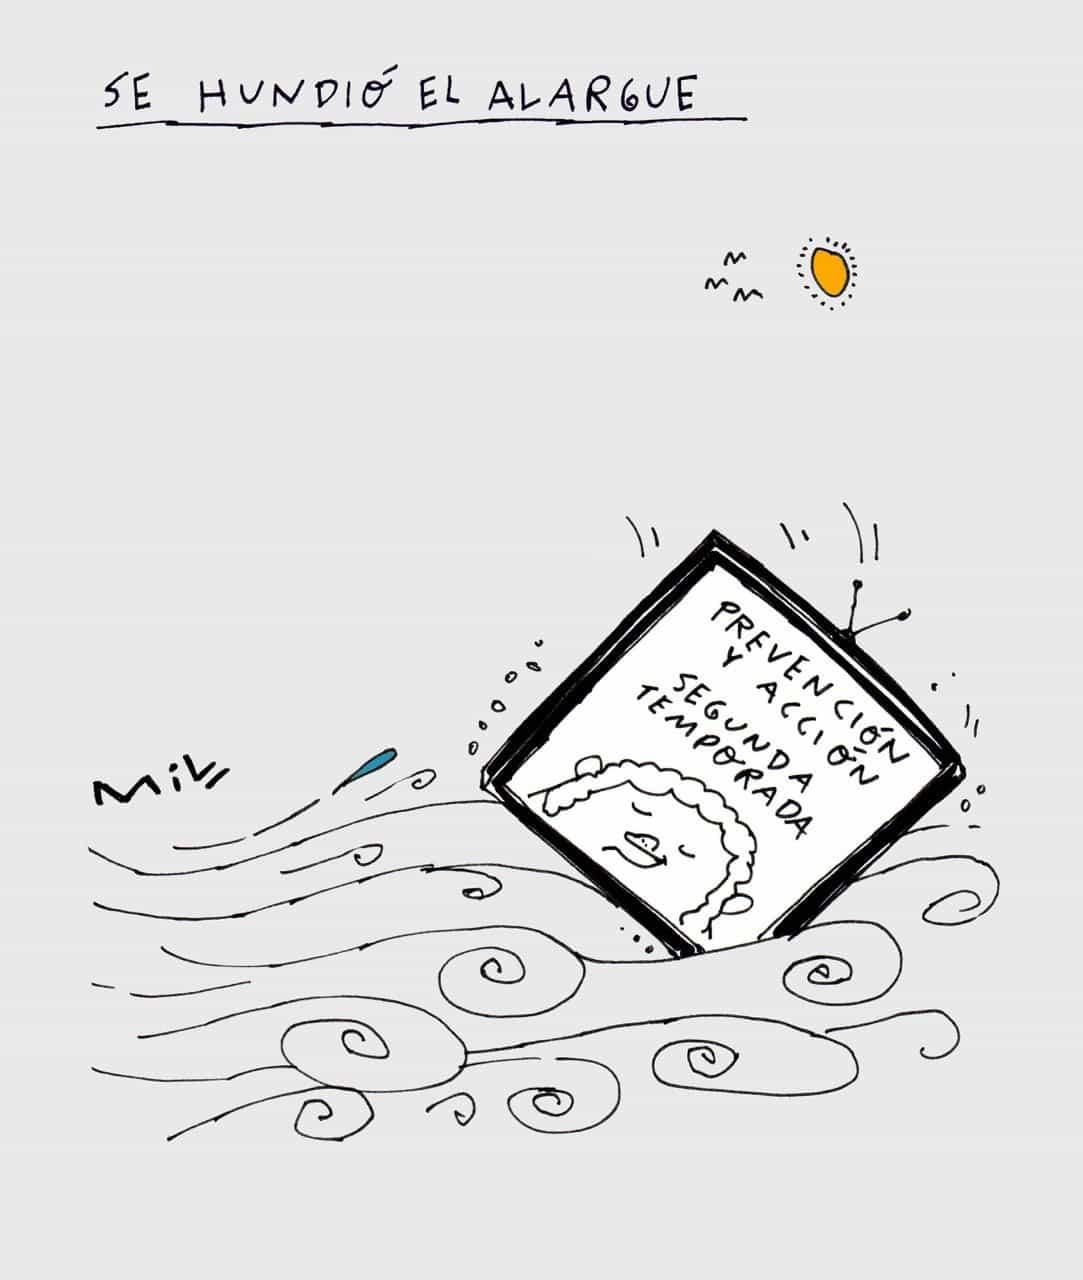 Se hundió el alargue - #Caricatura7días 1